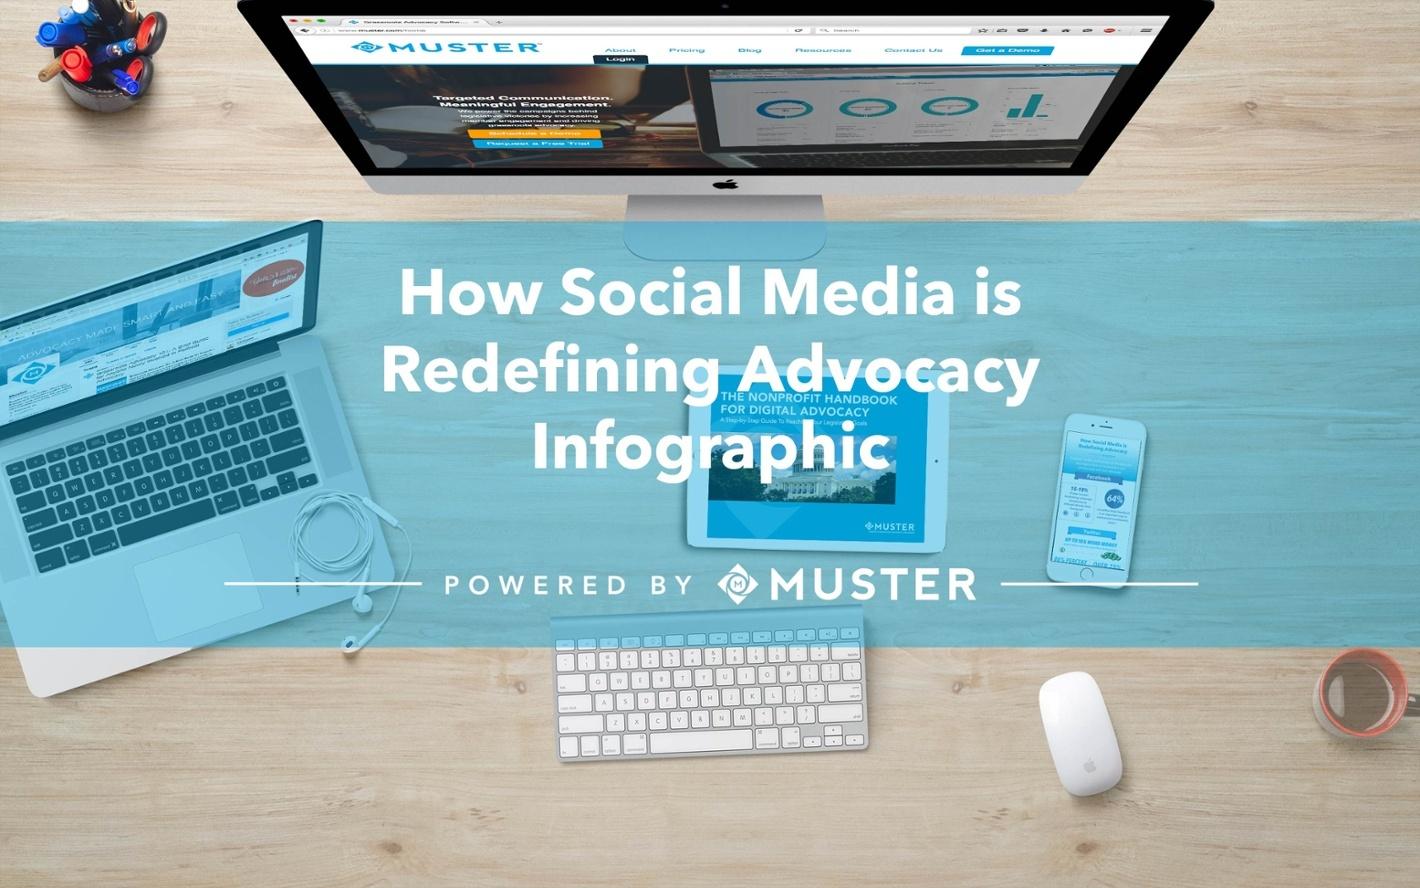 SocialMediaInfographicHero-1.jpg